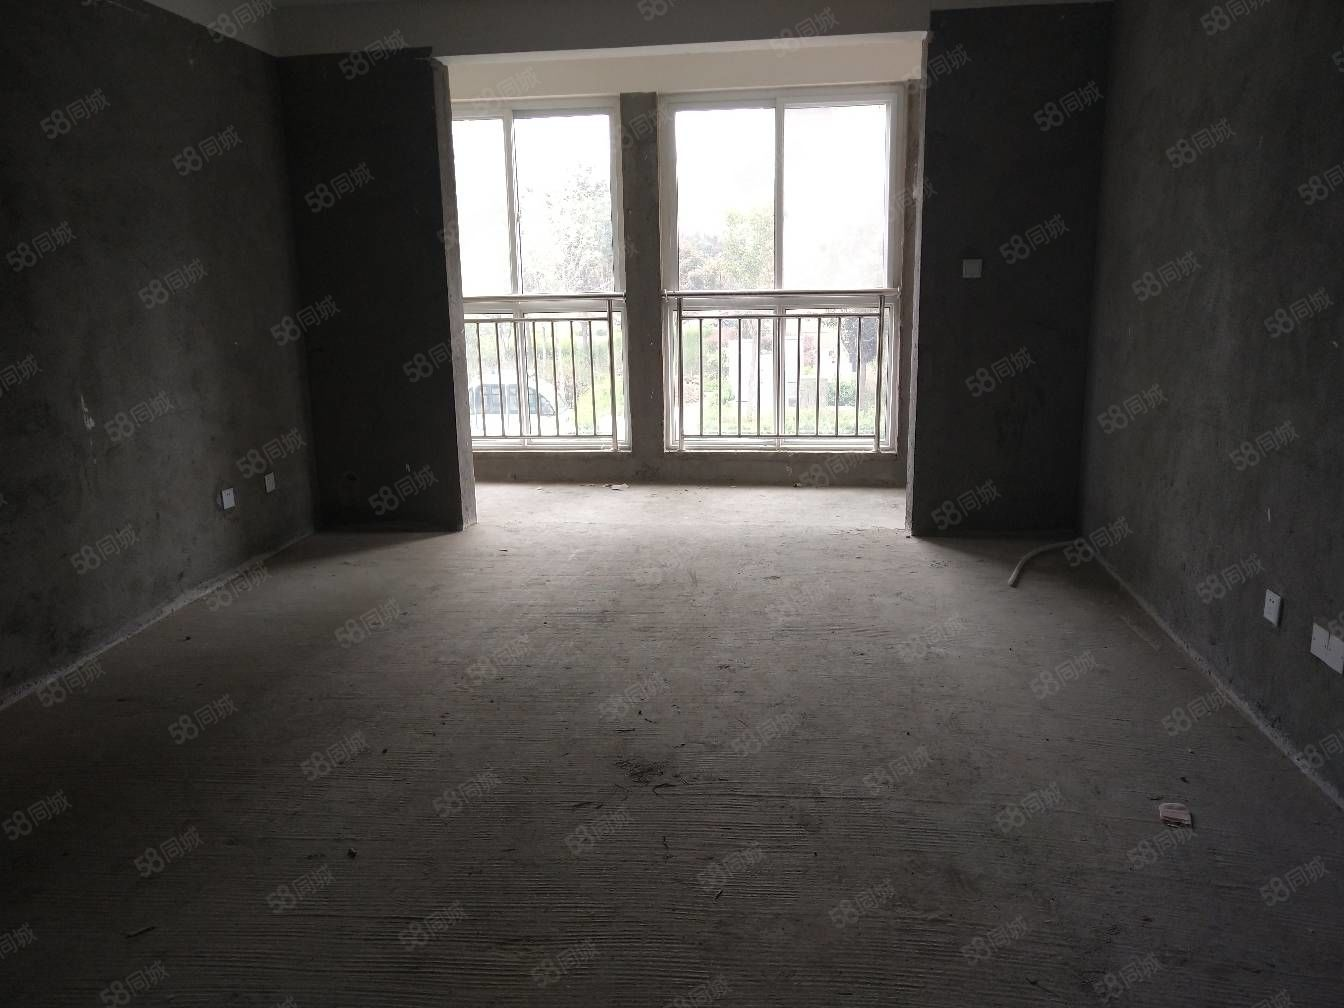 急售金域中央电梯房,房东包过户,价格合适,就卖几天,手慢无